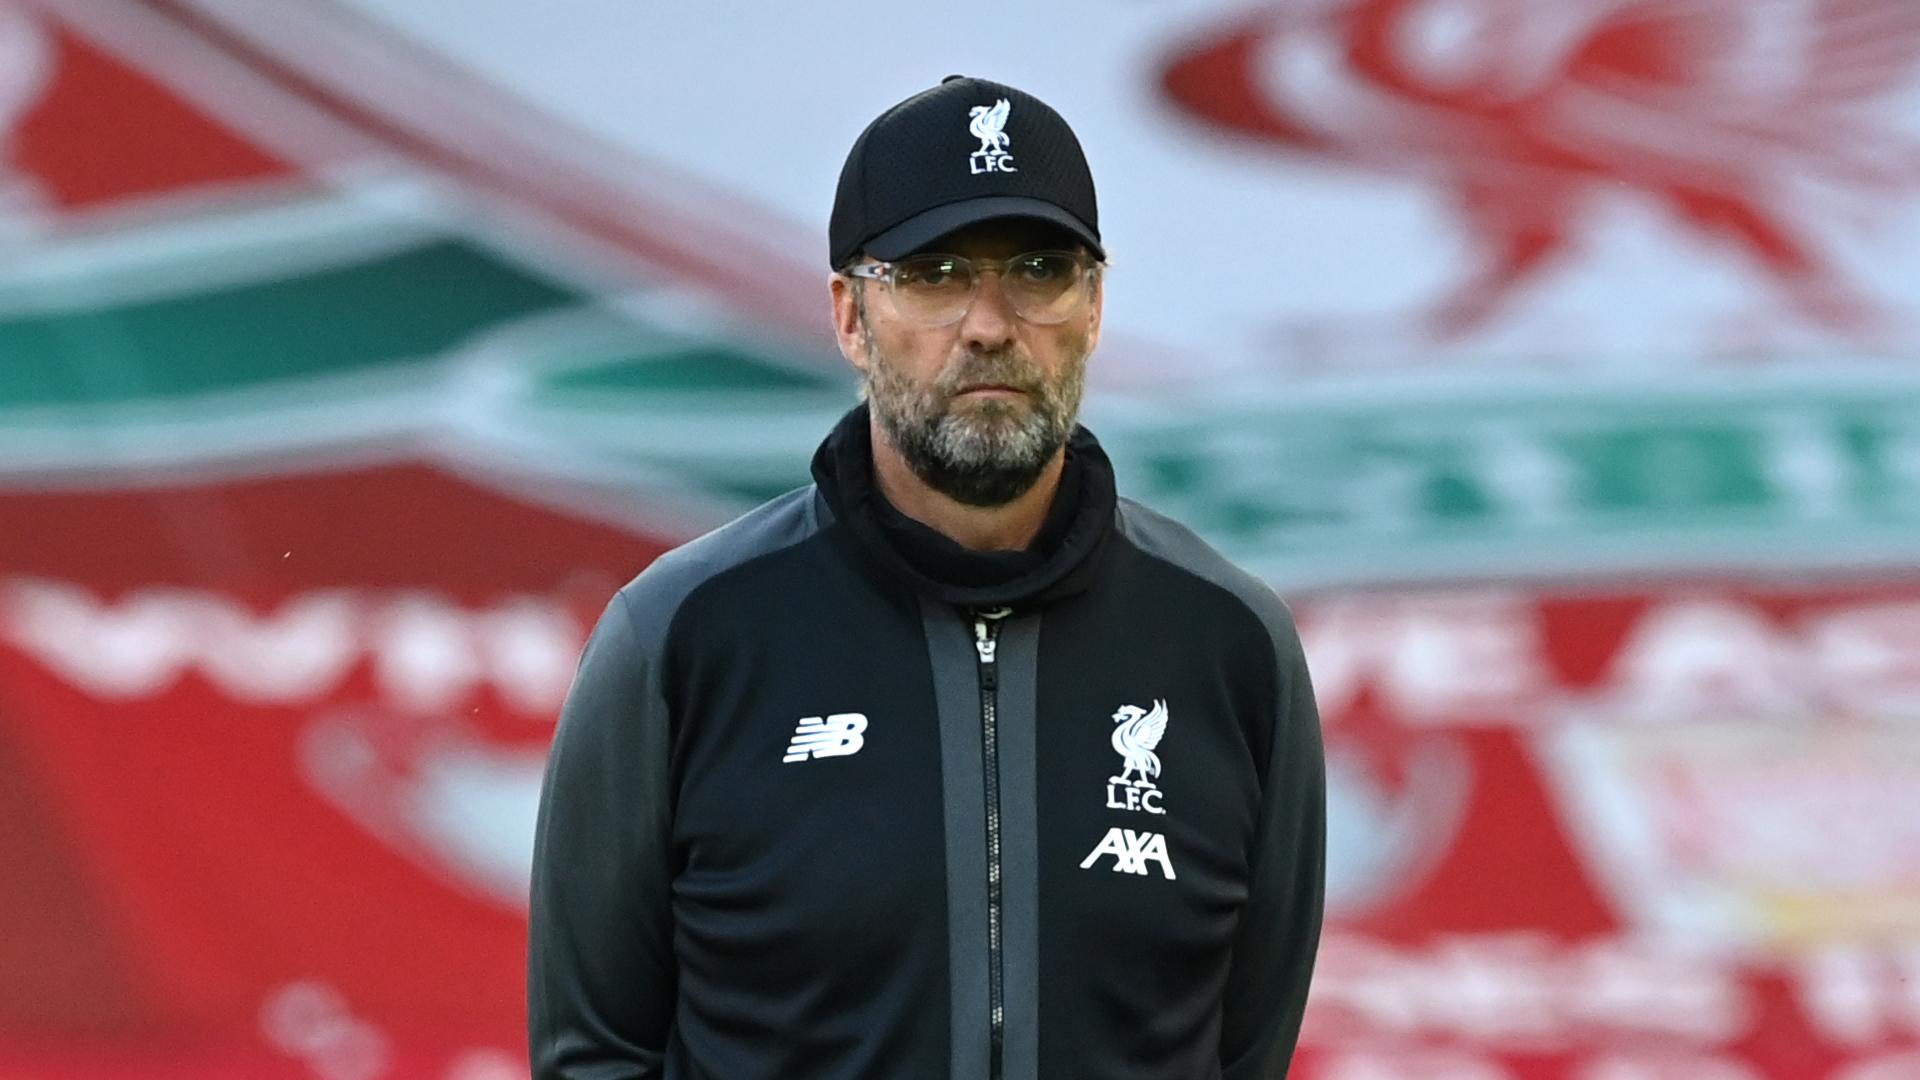 Joe Gomez: Zagueiro do Liverpool sofreu lesão enquanto treinava